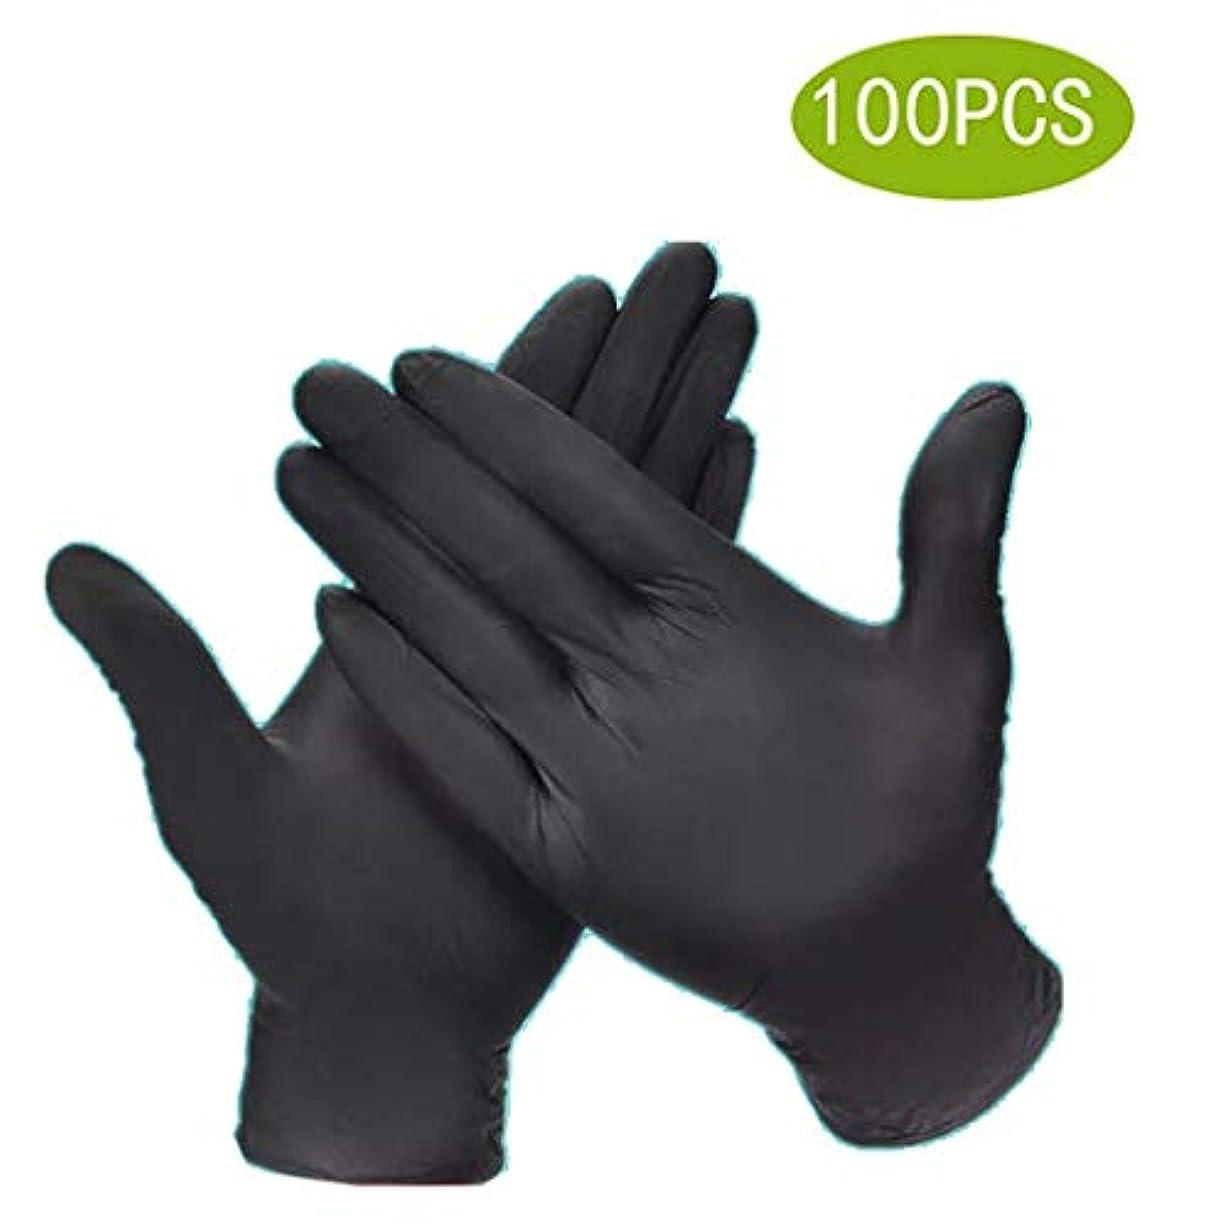 しつけ会話を通して使い捨て手袋食品ケータリング手術ディンチン厚い黒滑り止め酸とアルカリキッチン試験/食品グレード安全用品、使い捨てハンドグローブディスペンサー[100個] (Size : M)